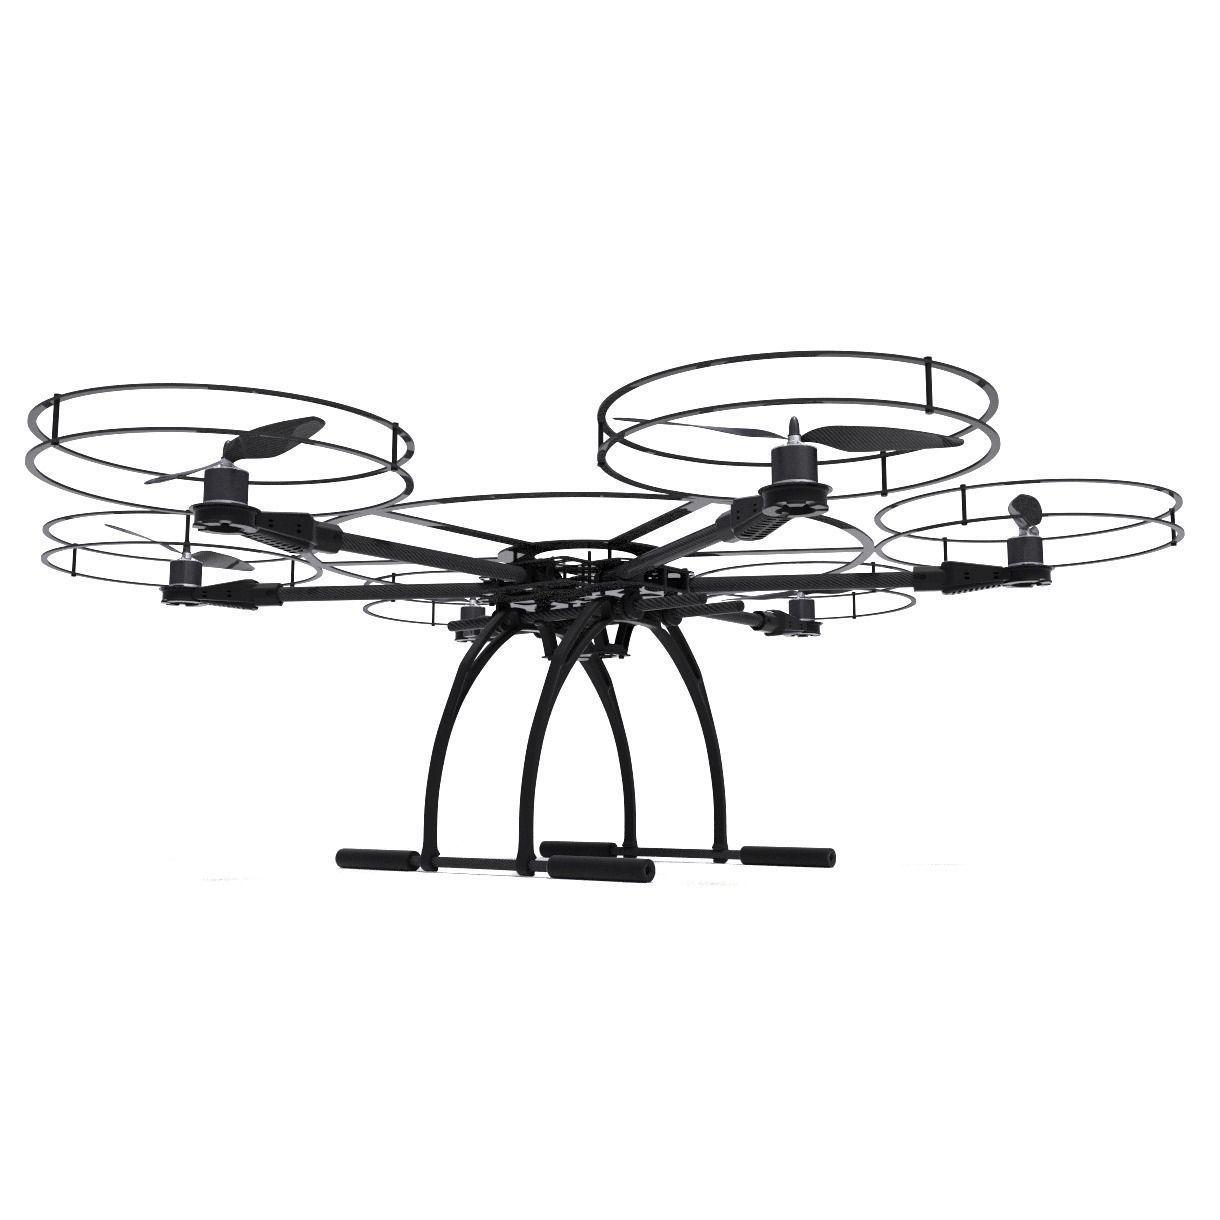 Hexacopter Drone 3d Model Obj Fbx Dxf Stl Blend Mtl